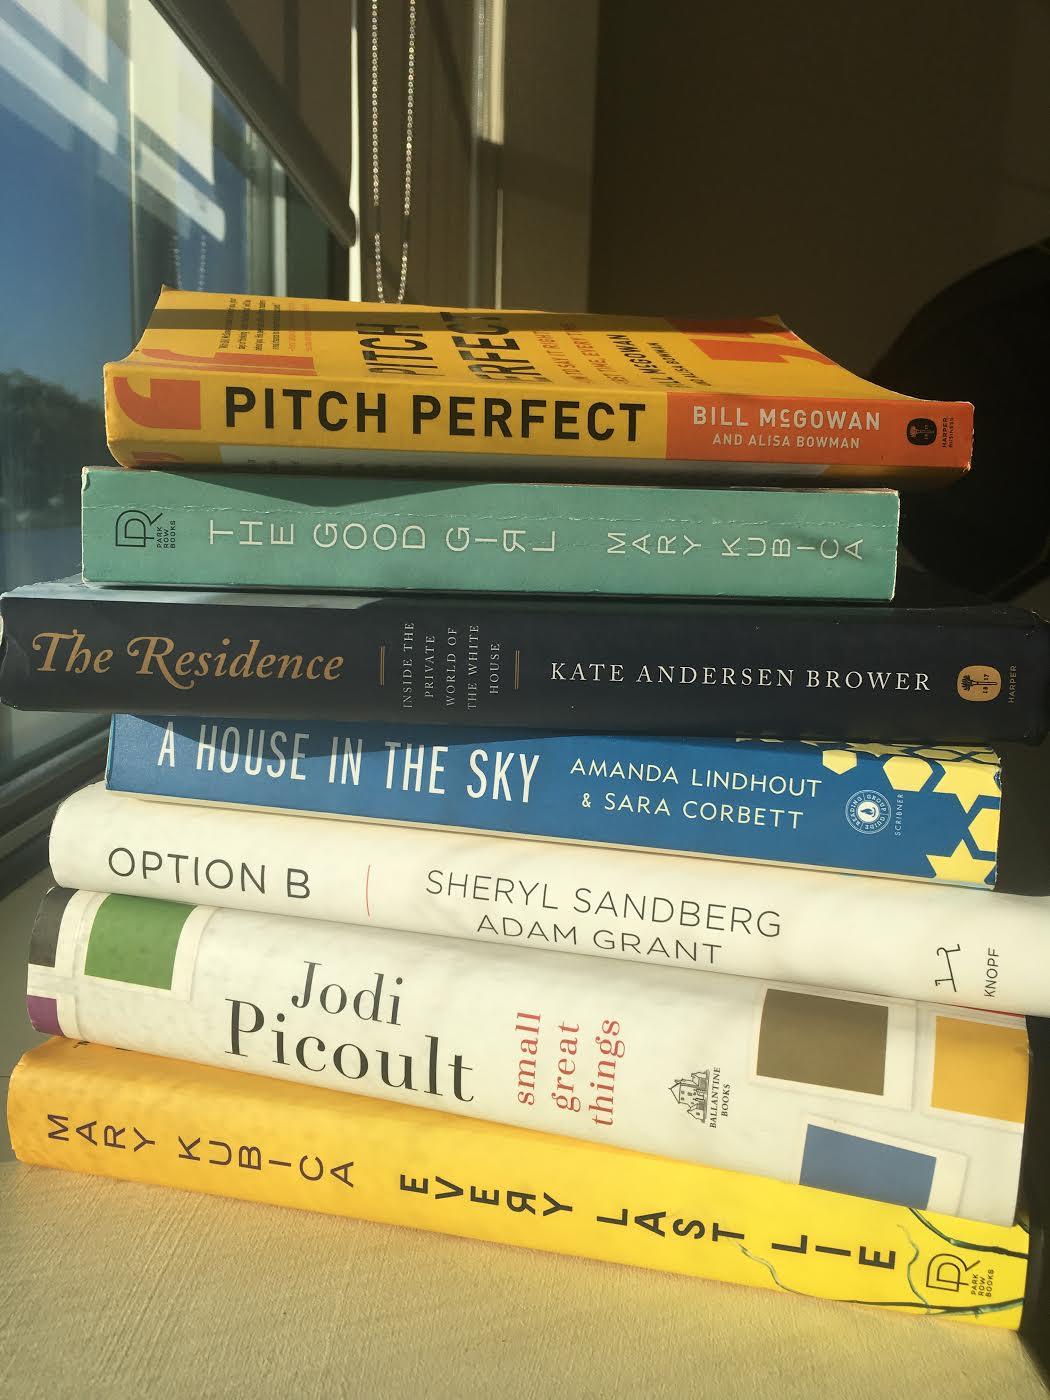 The last seven books I read